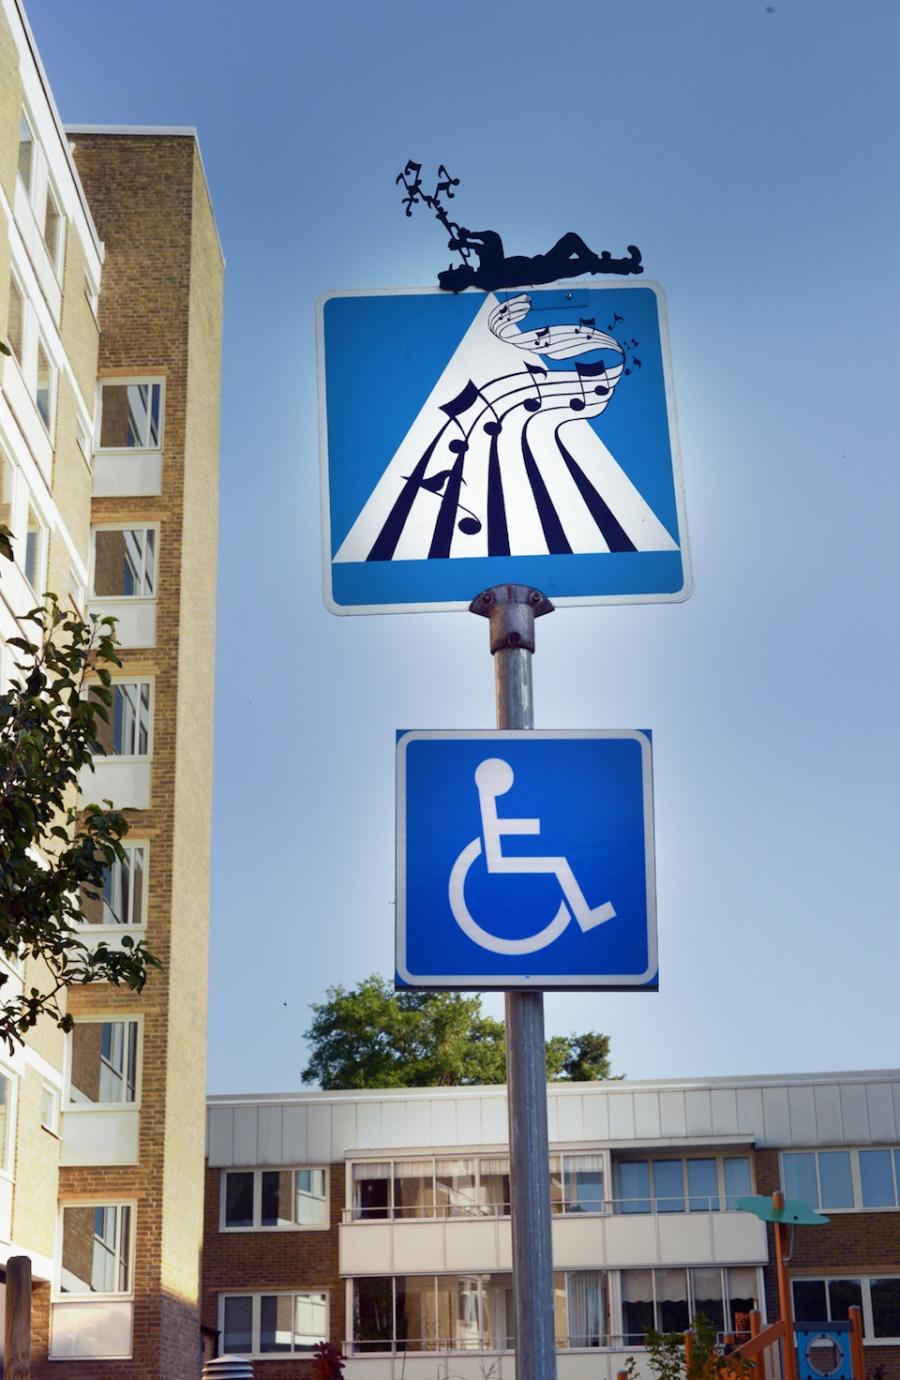 212005-street-art-by-etisk-vandalism-in-landskrona-sweden-2015-960-900-4a276a41f5-1476711721